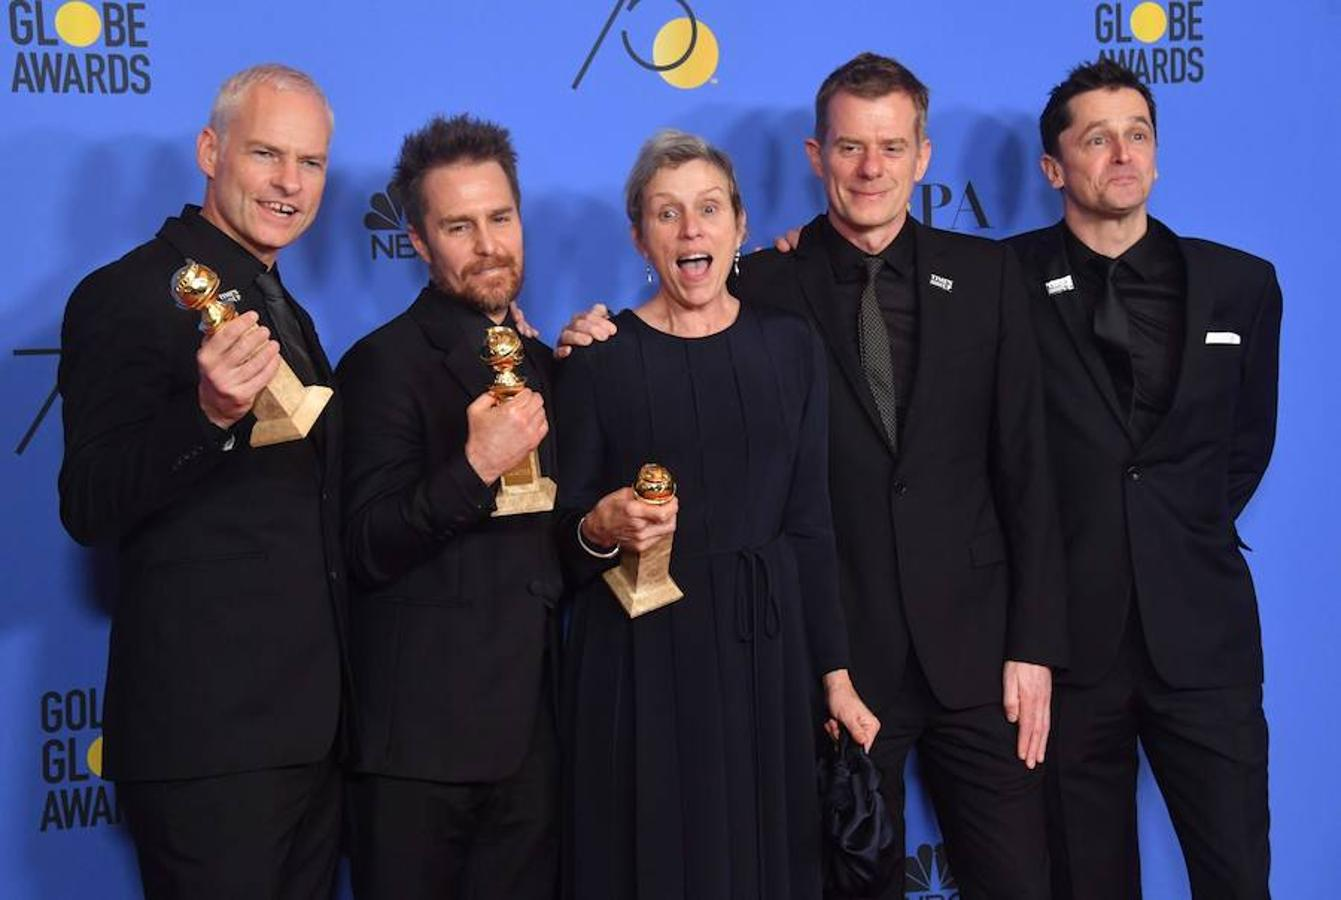 Los premiados de la 75 edición de los Globos de Oro, en imágenes